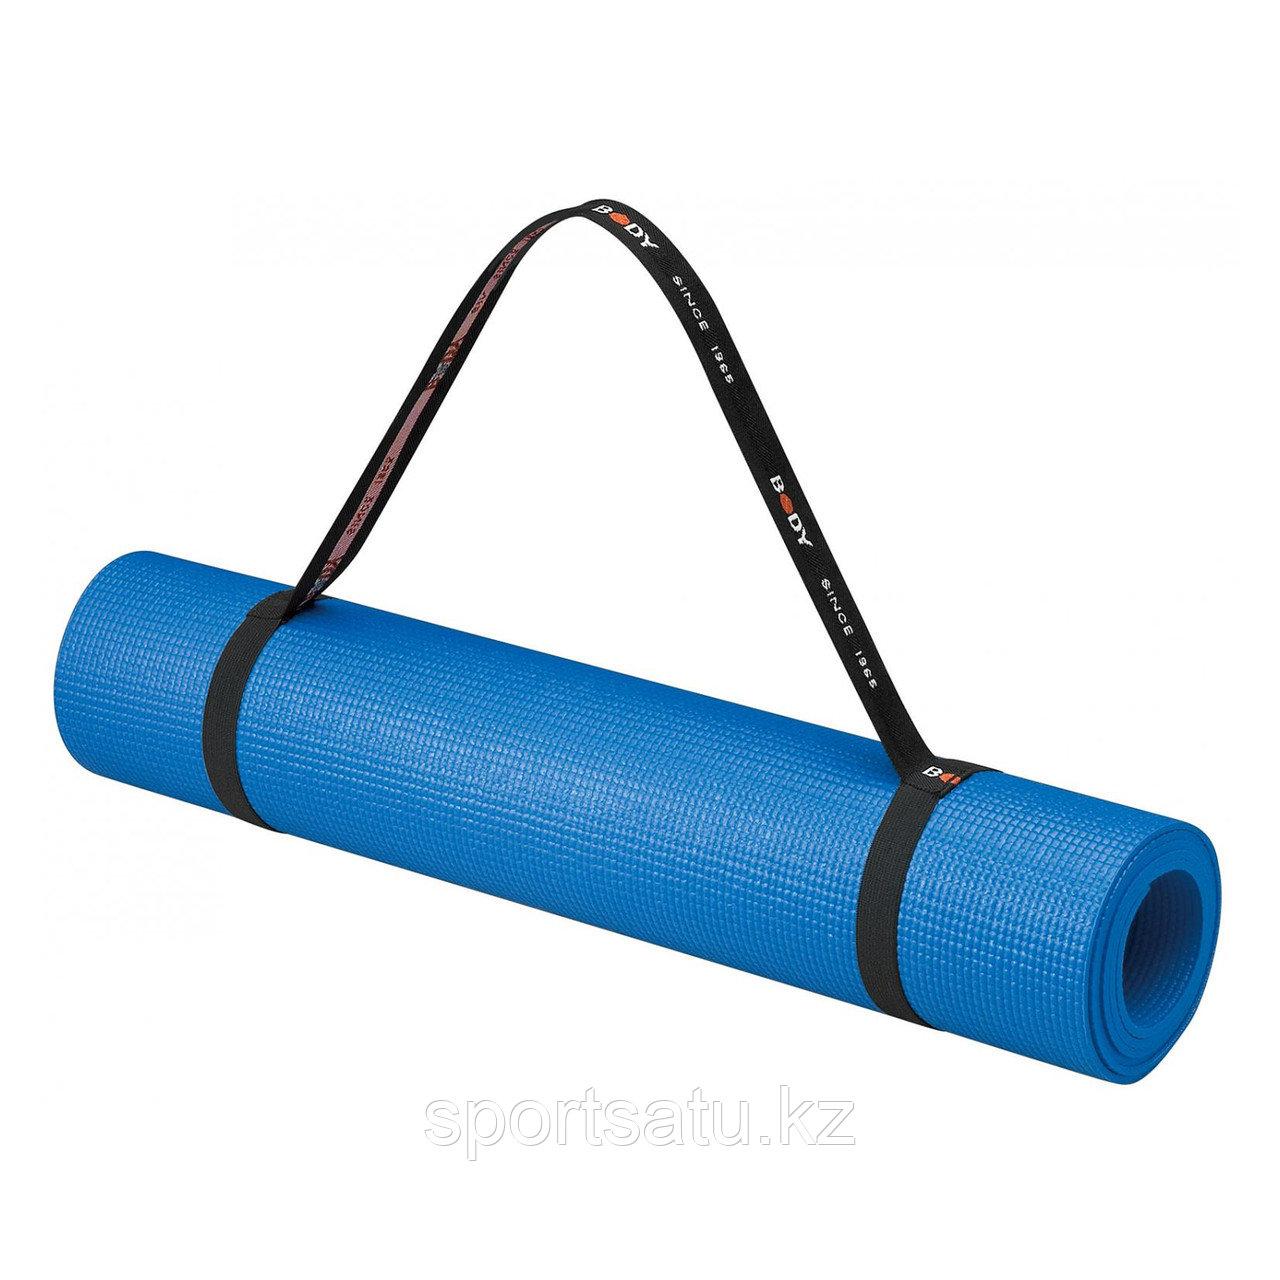 Коврик для йоги и гимнастики (Каремат) оригинал BODY